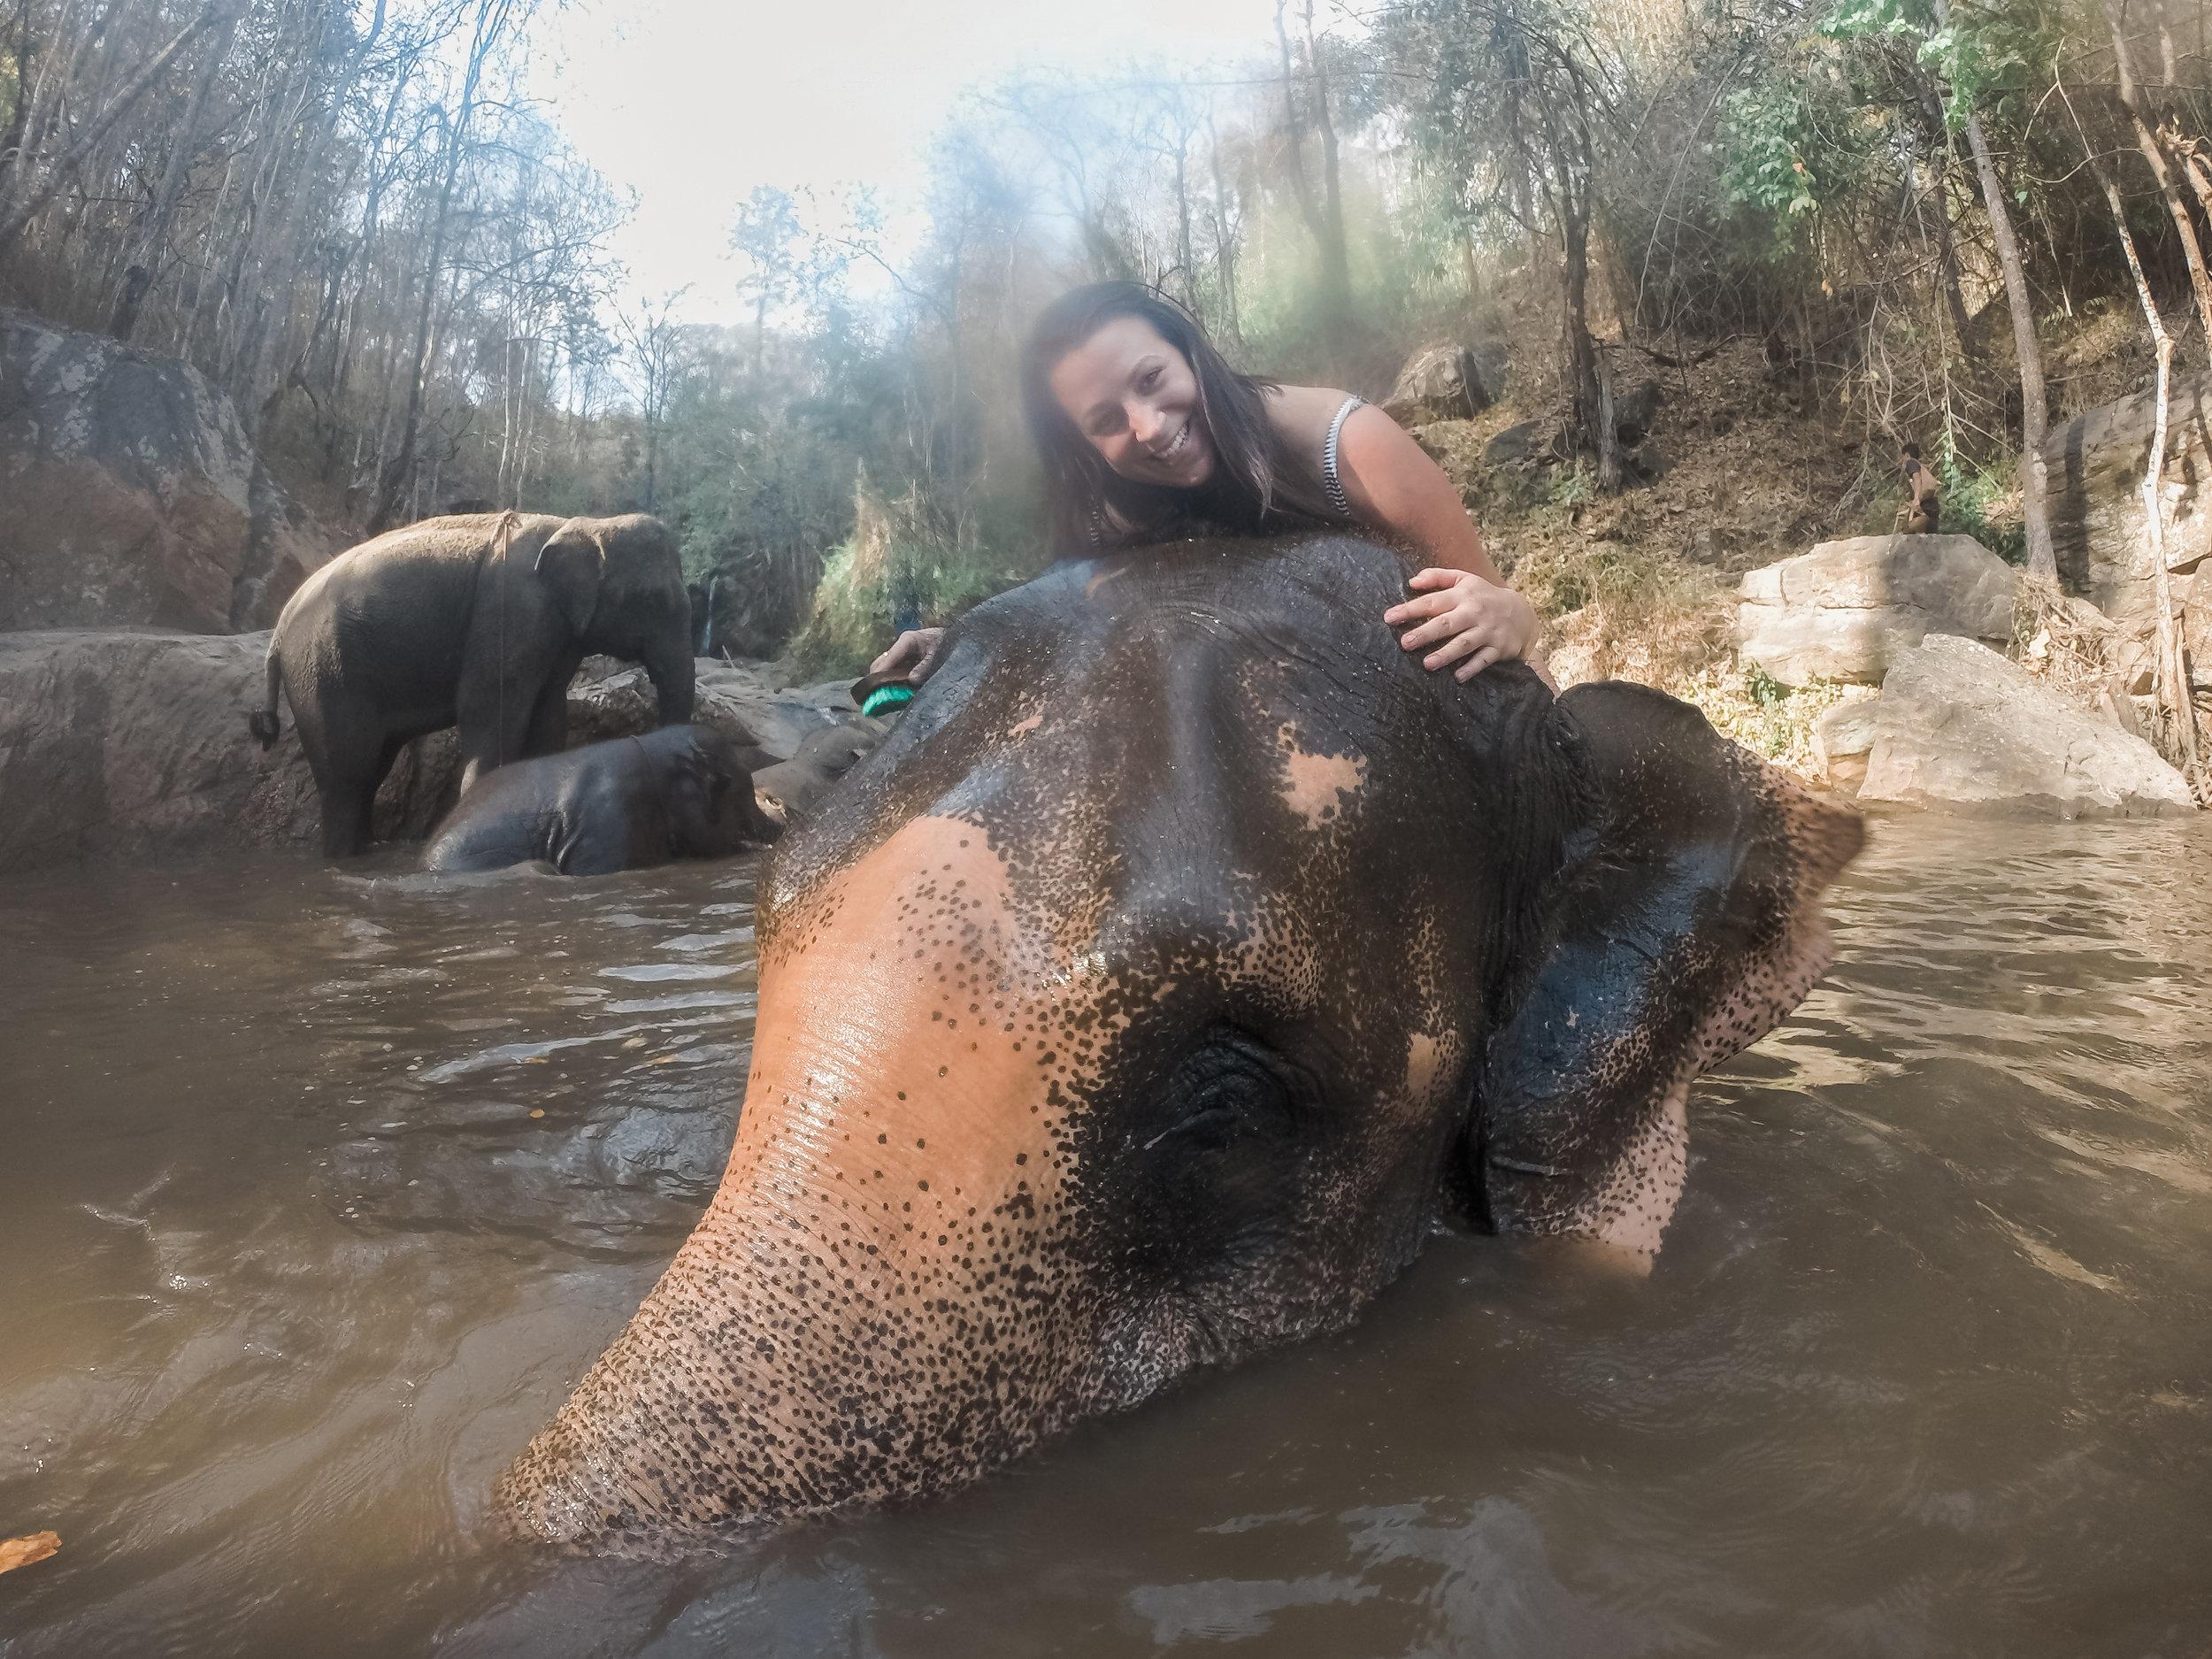 elephant_blog-37.jpg